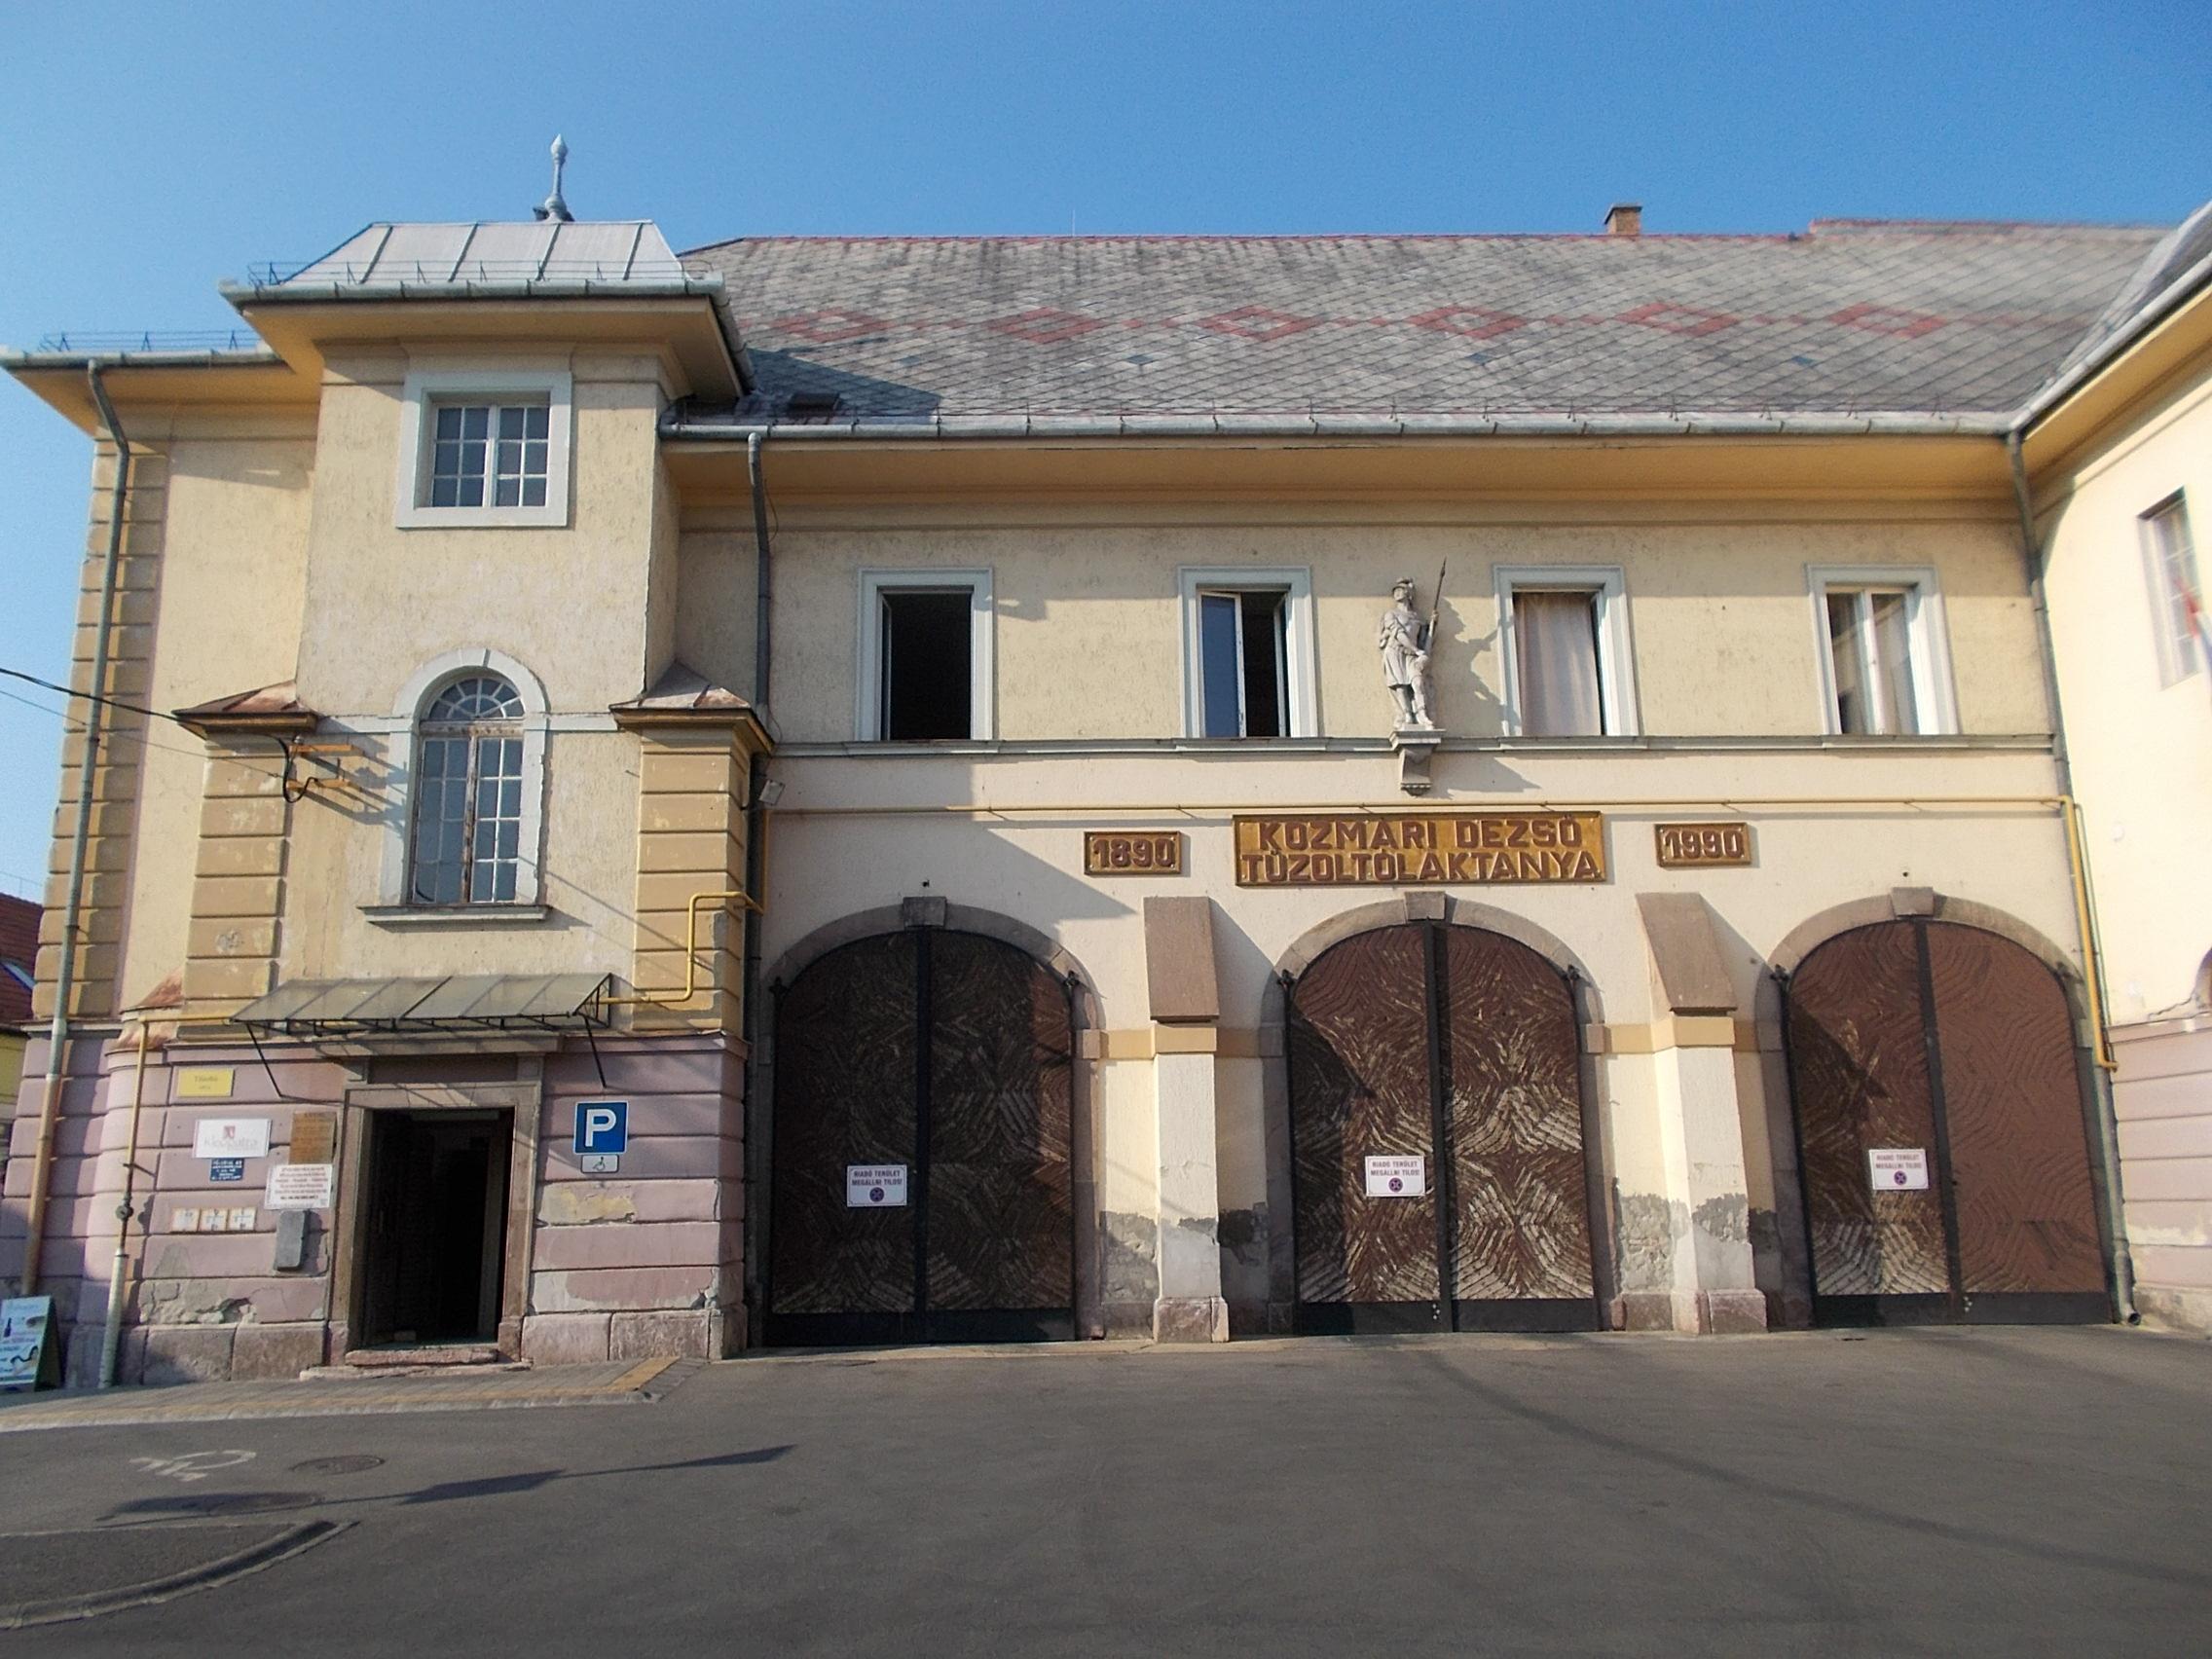 Volt Nemzeti Banki épület és tűzoltólaktanya. A Déli és Ny-i szárnyat a Tűzoltóság, a Keleti szárnyat a Nemzeti Bank számára építették (építész: Wälder Gyula).  Kép: Globetrotter19 / Wikimedia Commons